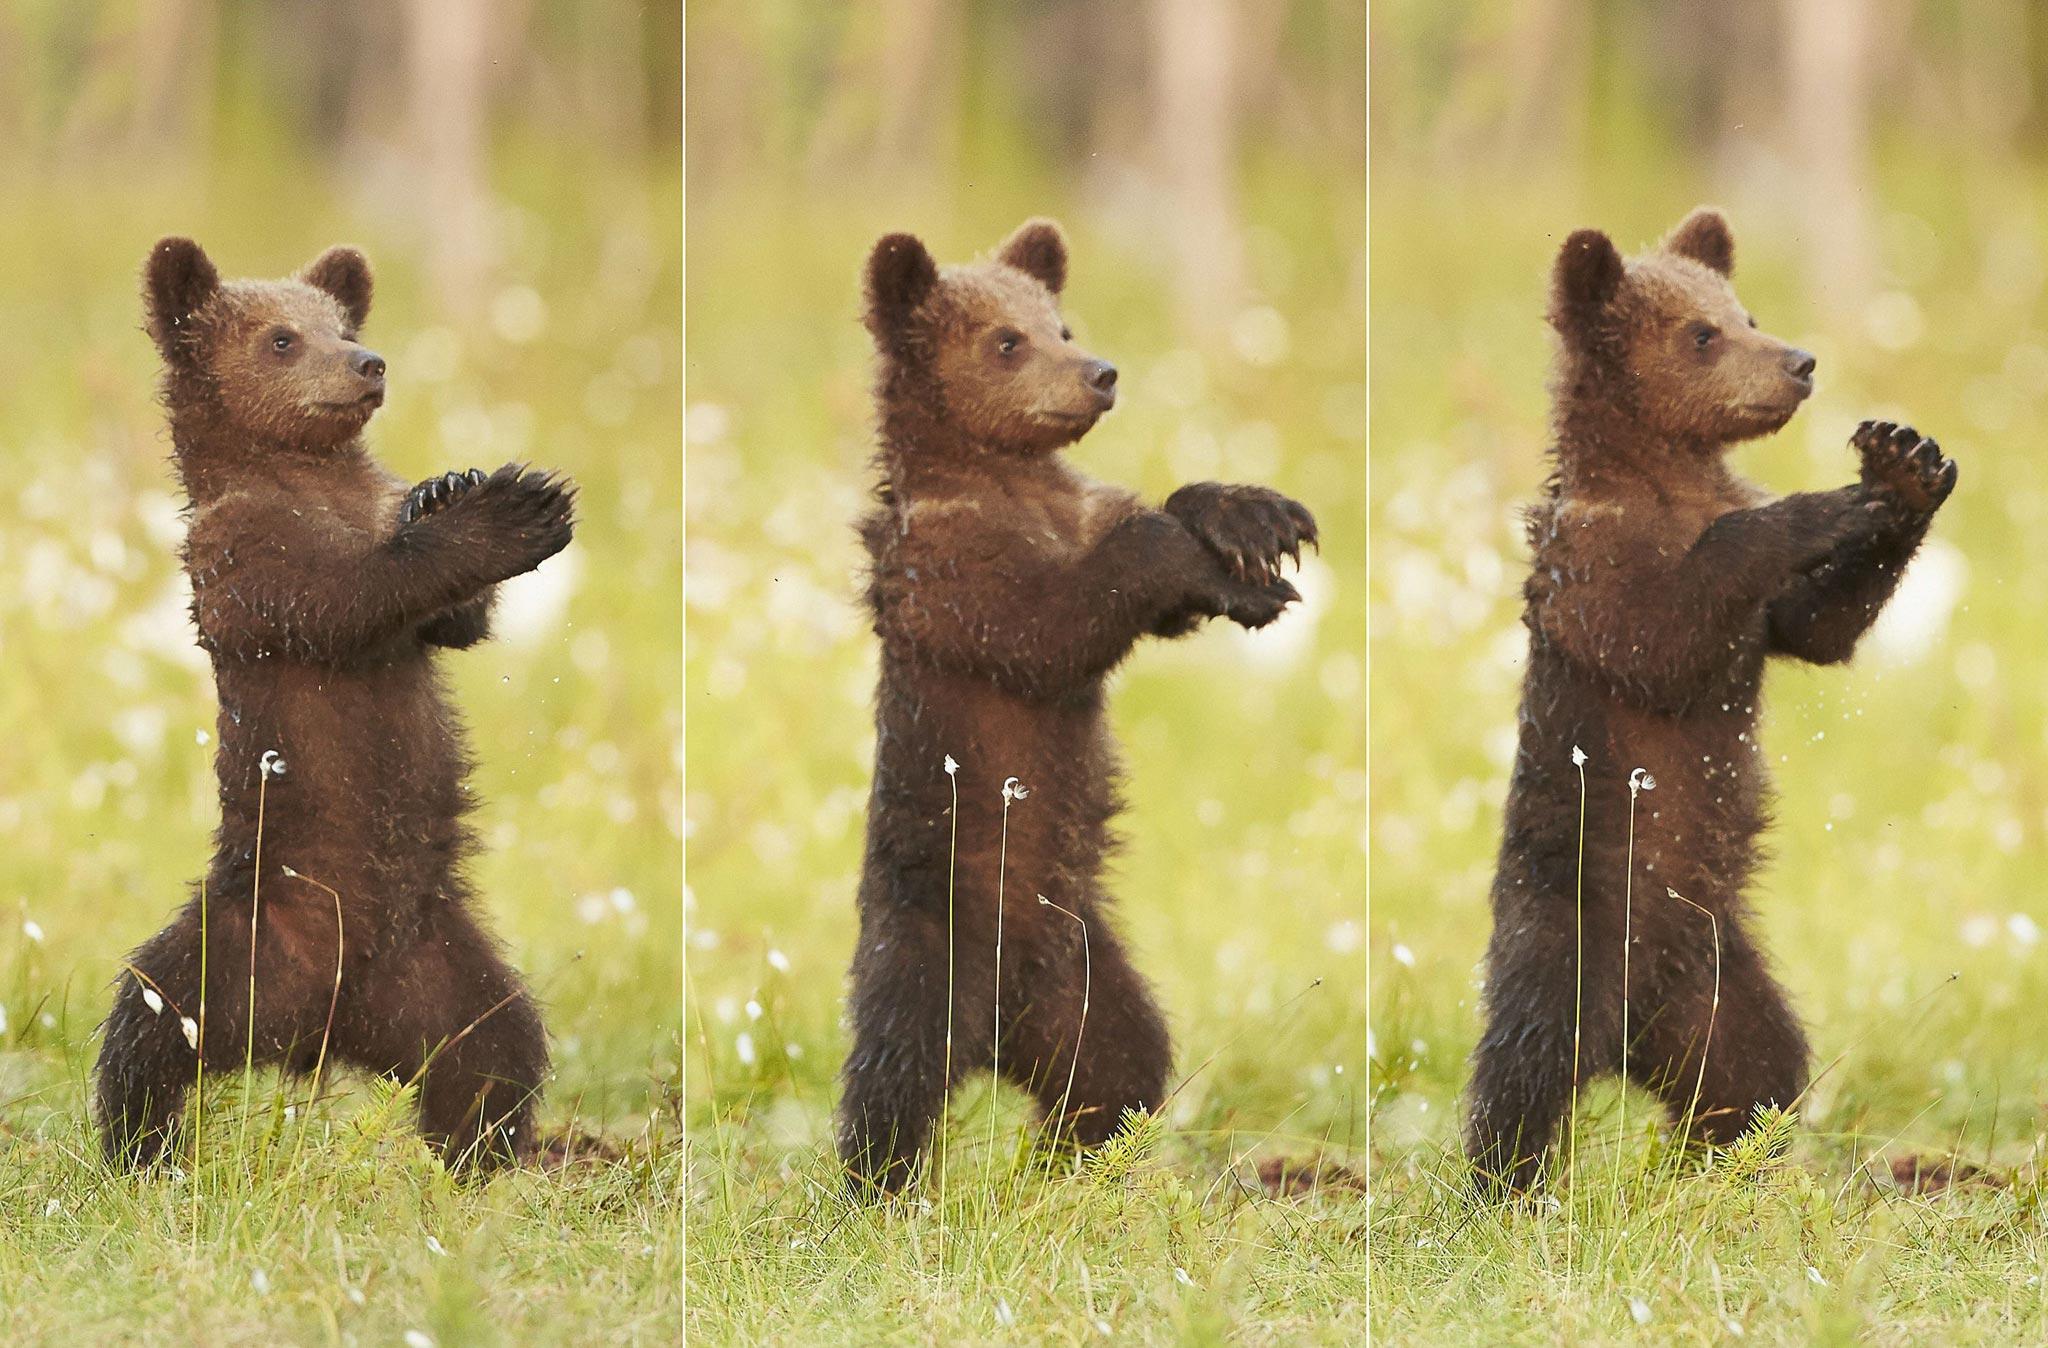 любит картинка марширующий медвежонок самые интересные обсуждаемые